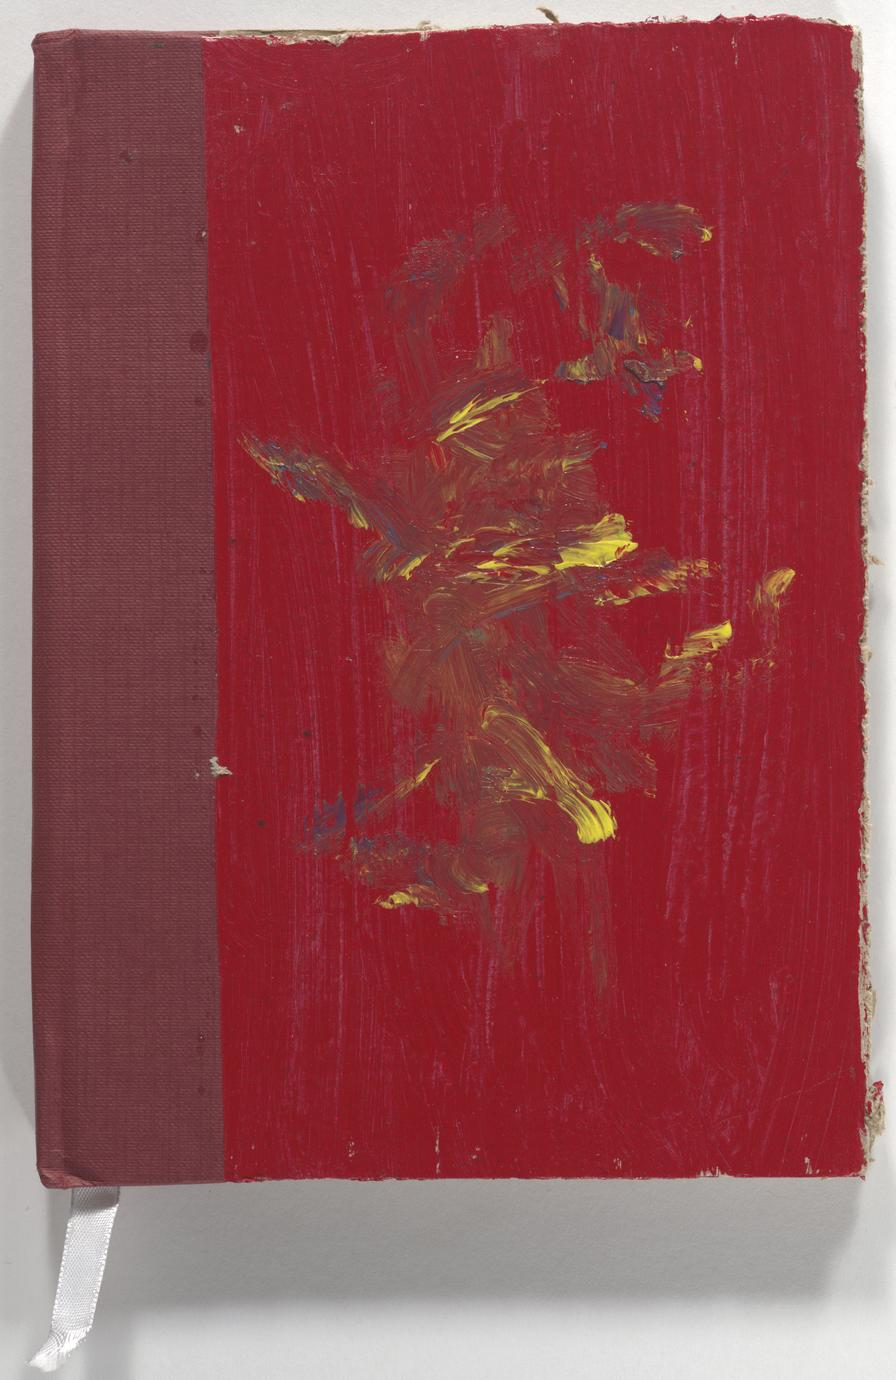 El grito : compilación iberoamericana de poesía 2010 (1 of 3)